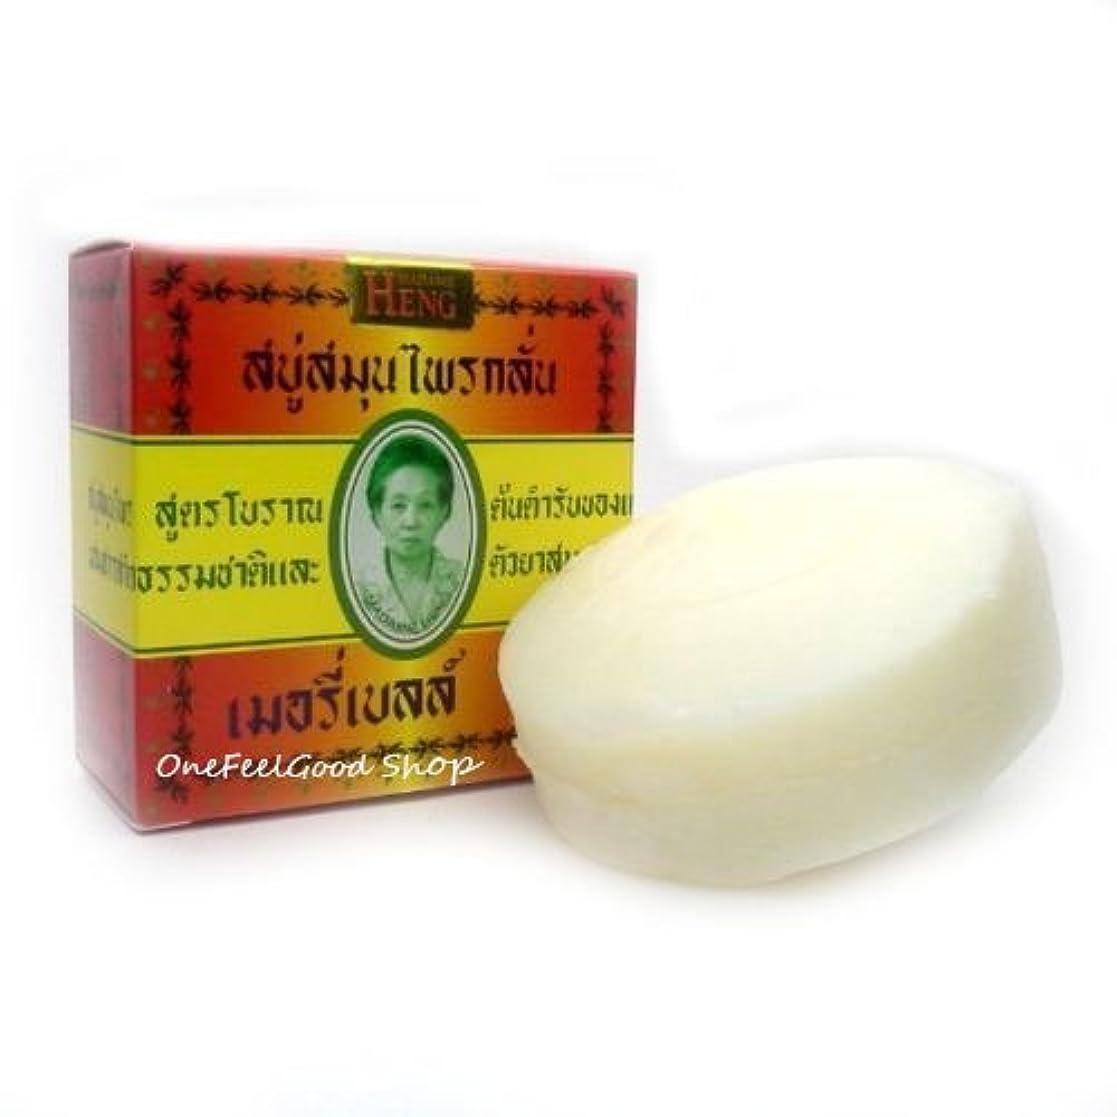 スロベニアサージ蒸気2 of MADAME HENG NATURAL SOAP BAR MERRY BELL ORIGINAL THAI (net wt 5.64 OZ.or 160g. / bar.) PACK OF 2 BAR. by onefeelgood shop